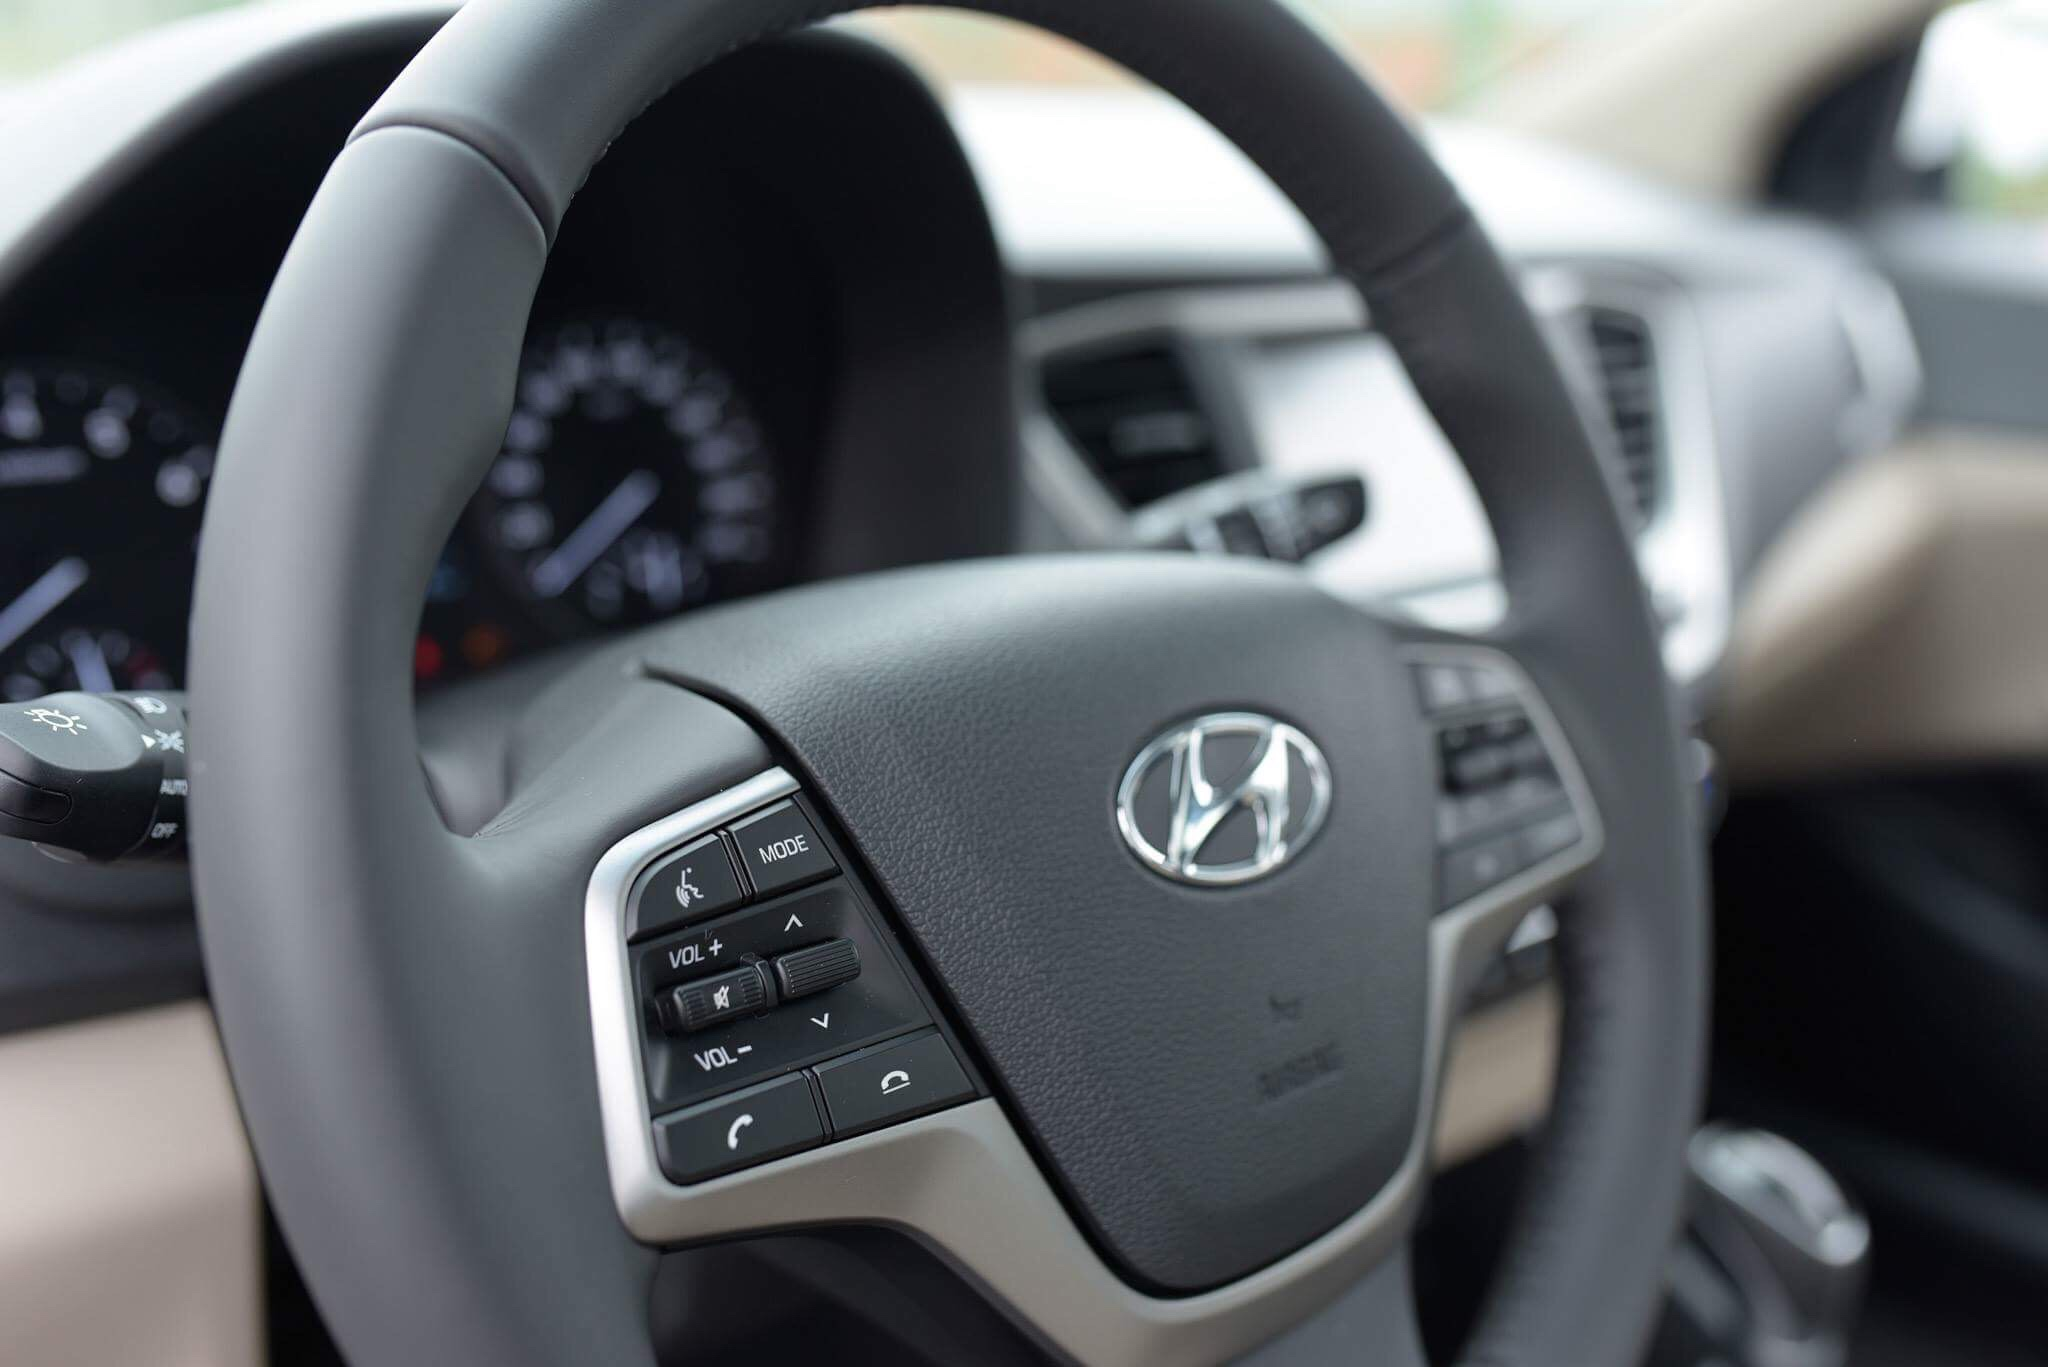 Hyundai accent anh 31 - Hyundai Accent mới: giá xe và khuyến mãi tháng [hienthithang]/[hienthinam]